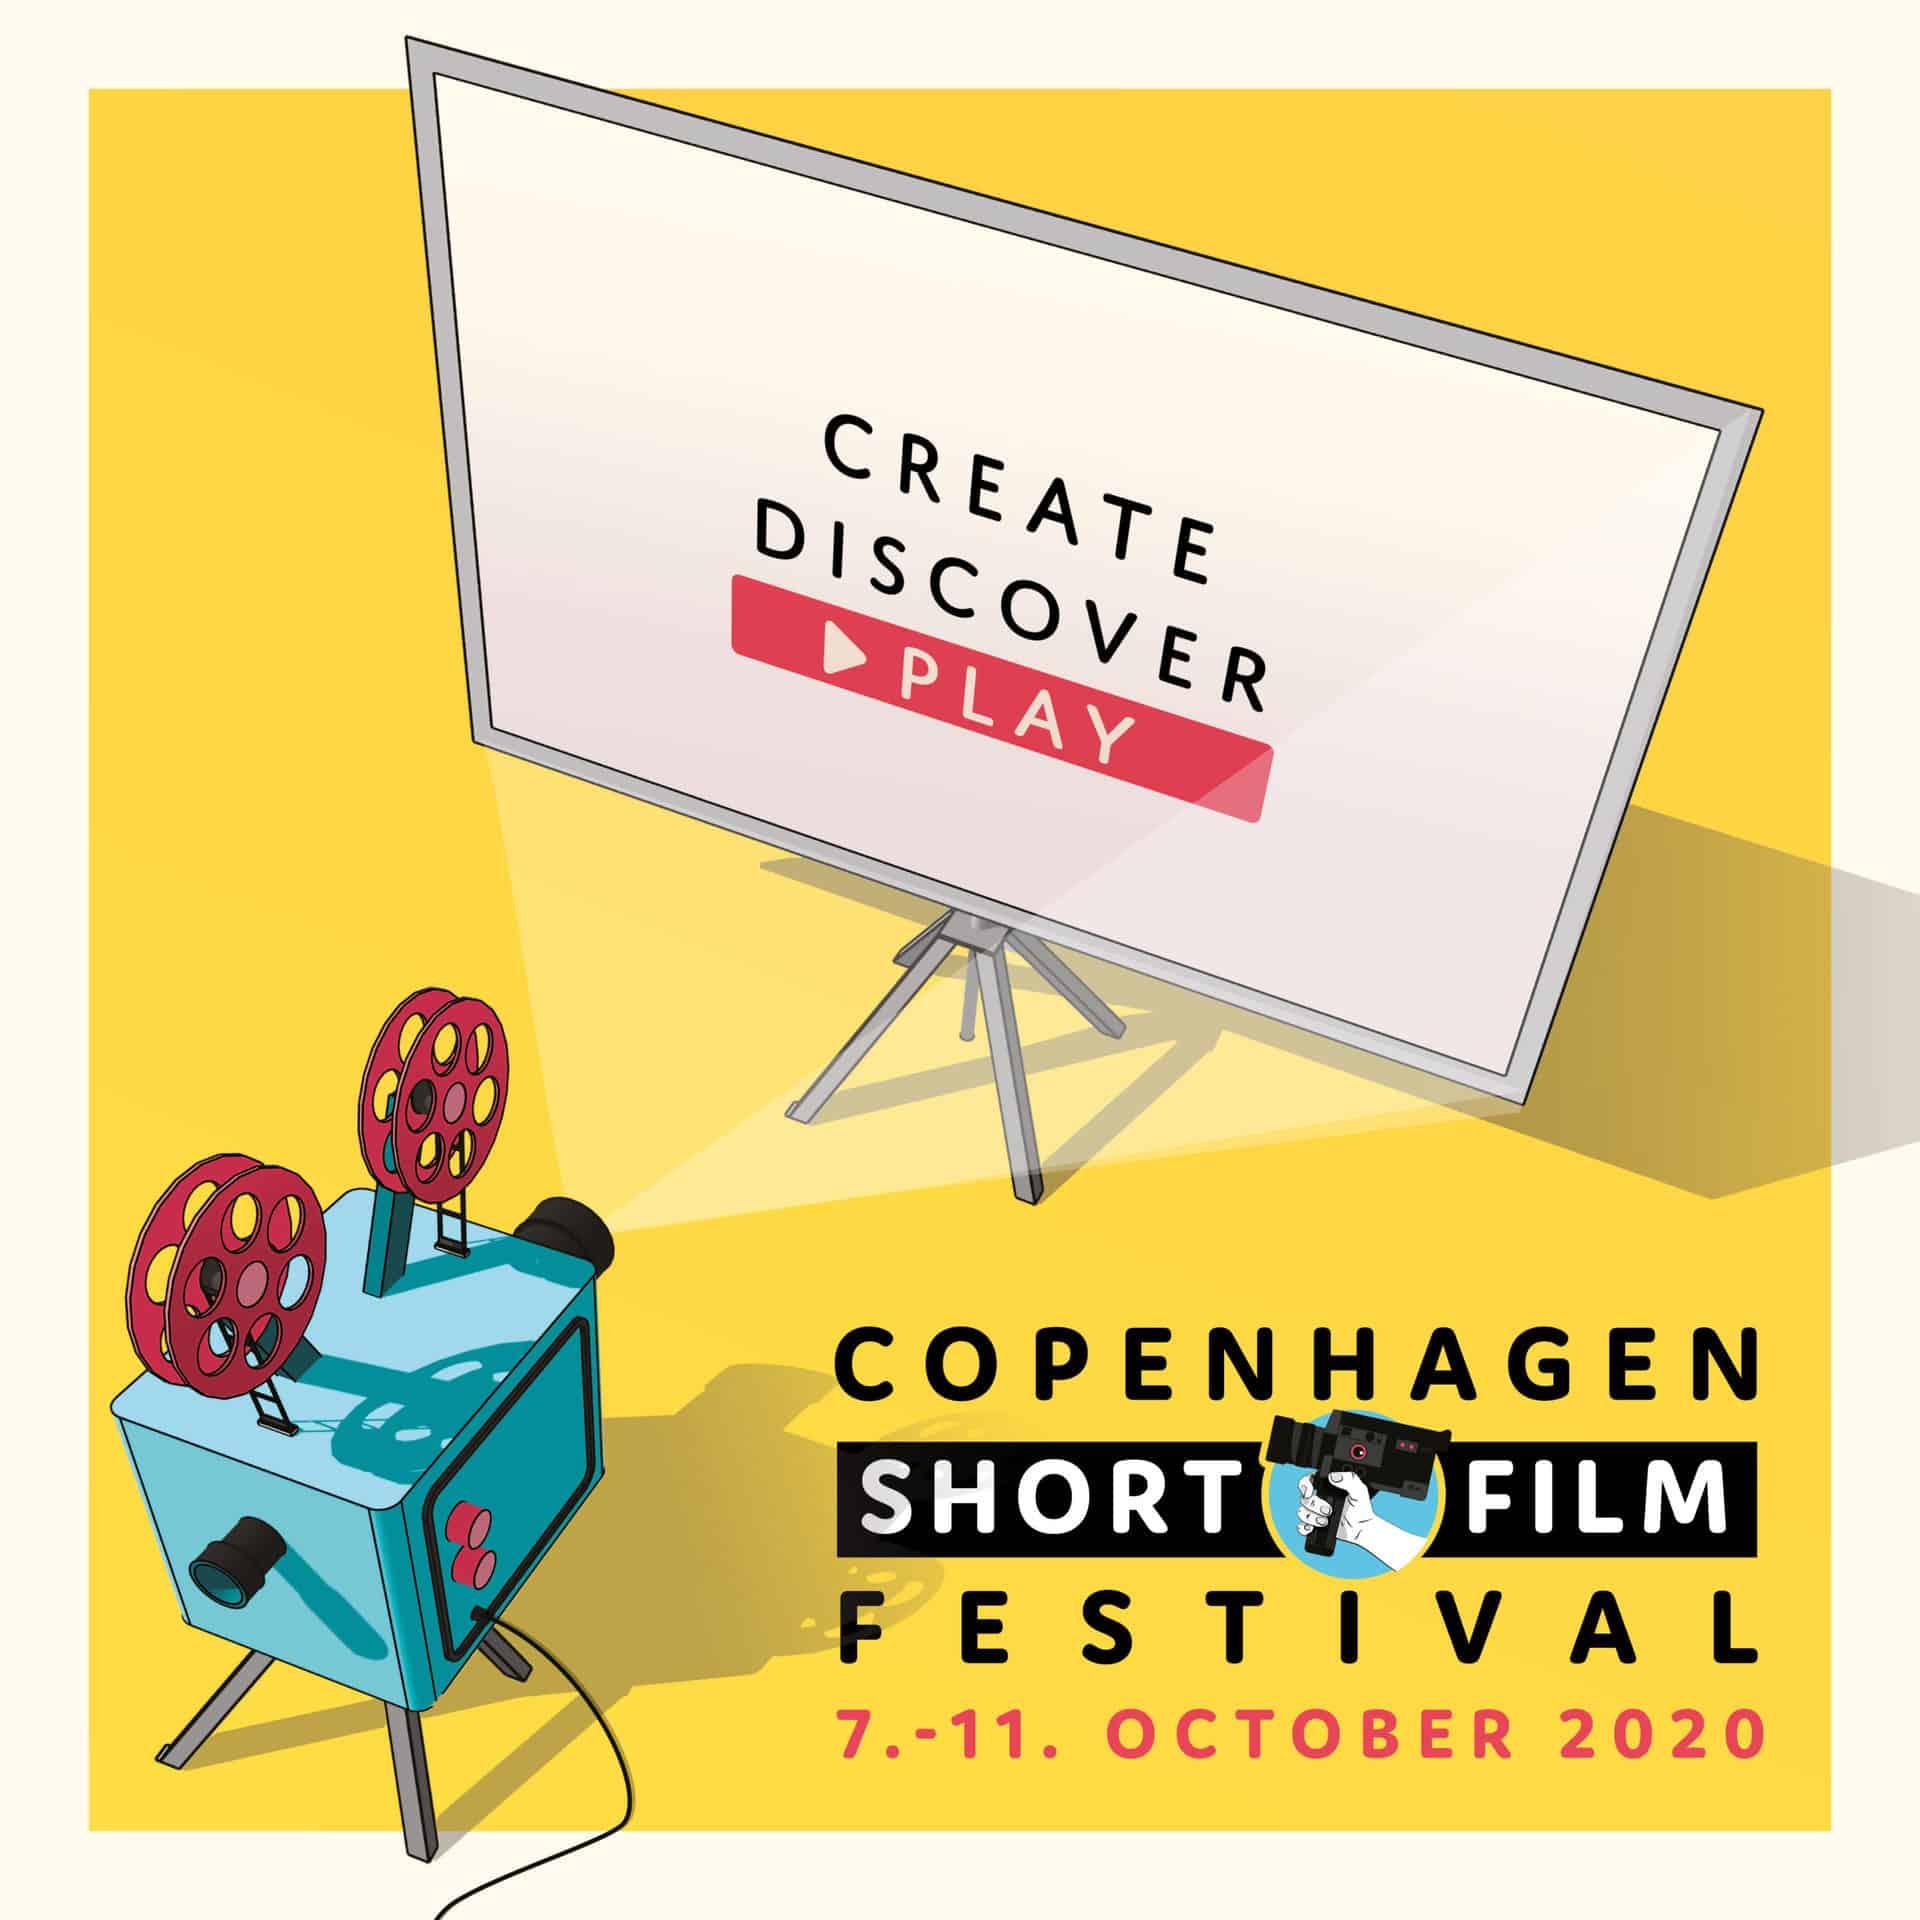 Copenhagen Short Film Festival 7.-11. oktober 2020.